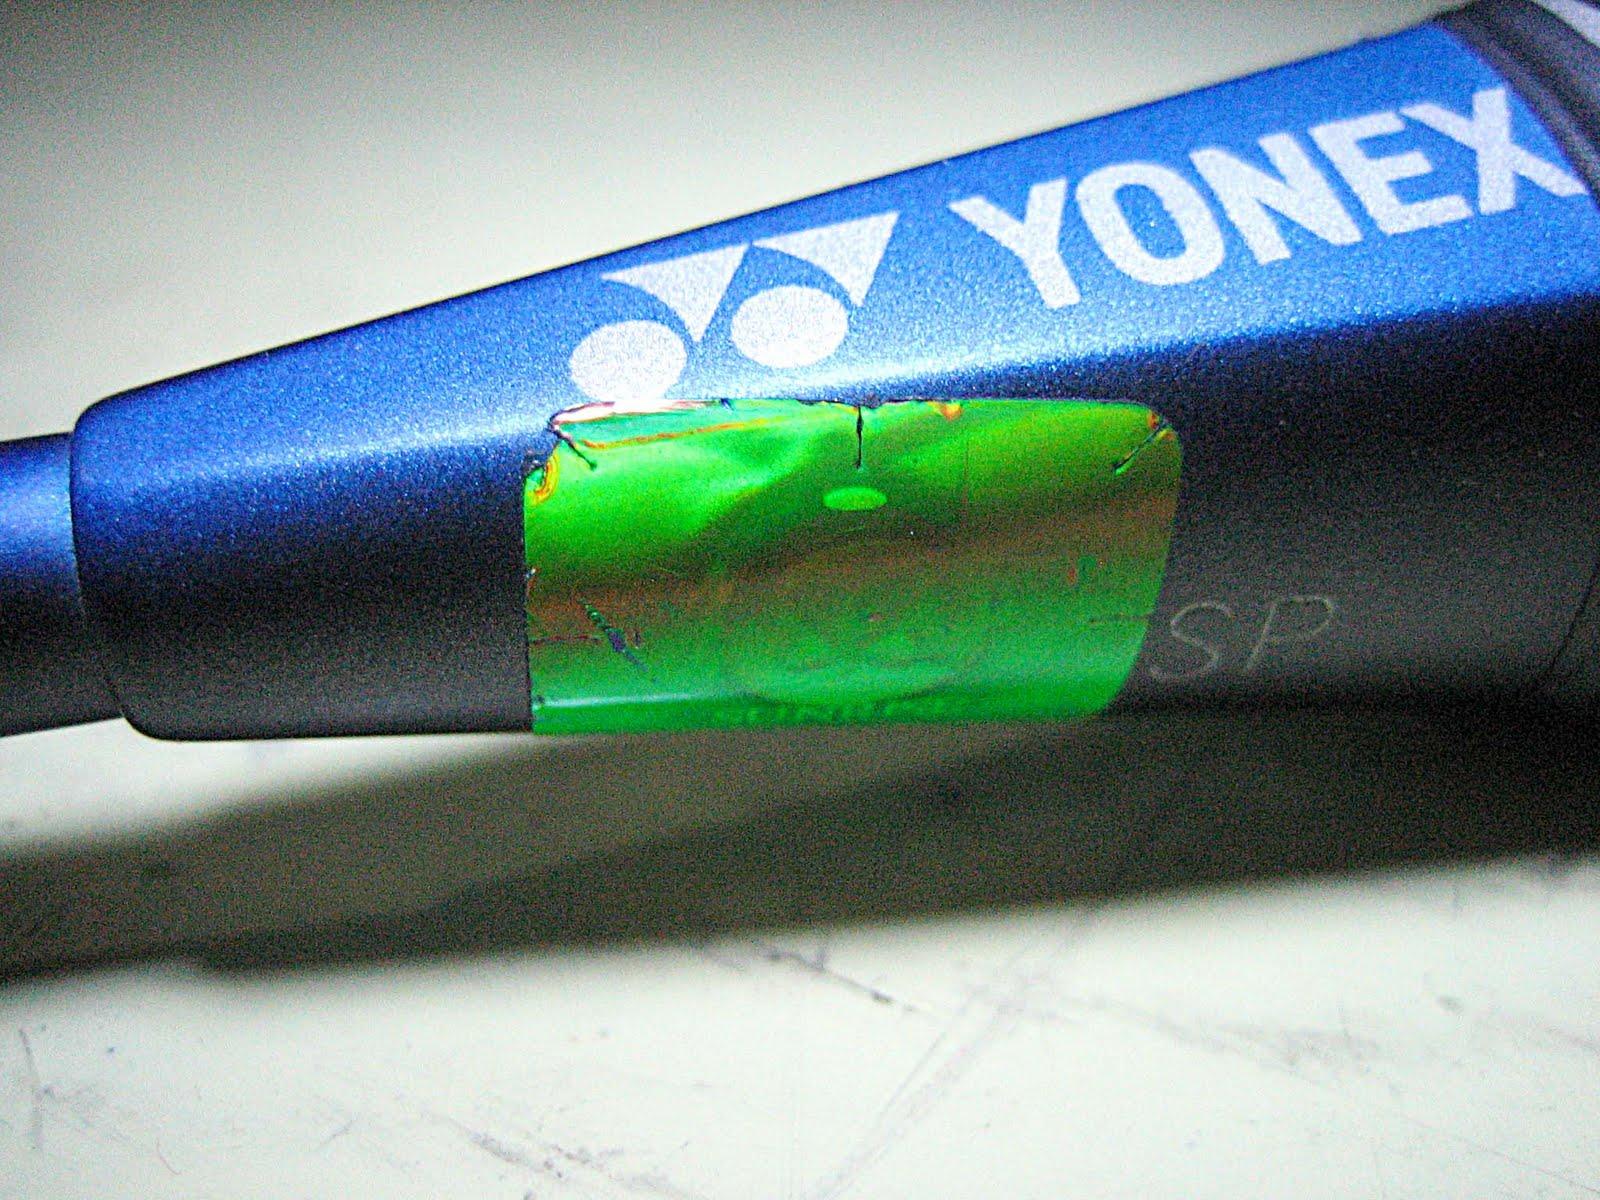 Chuiel Chemong Cara Membedakan Raket Yonex Asli Dan Palsu